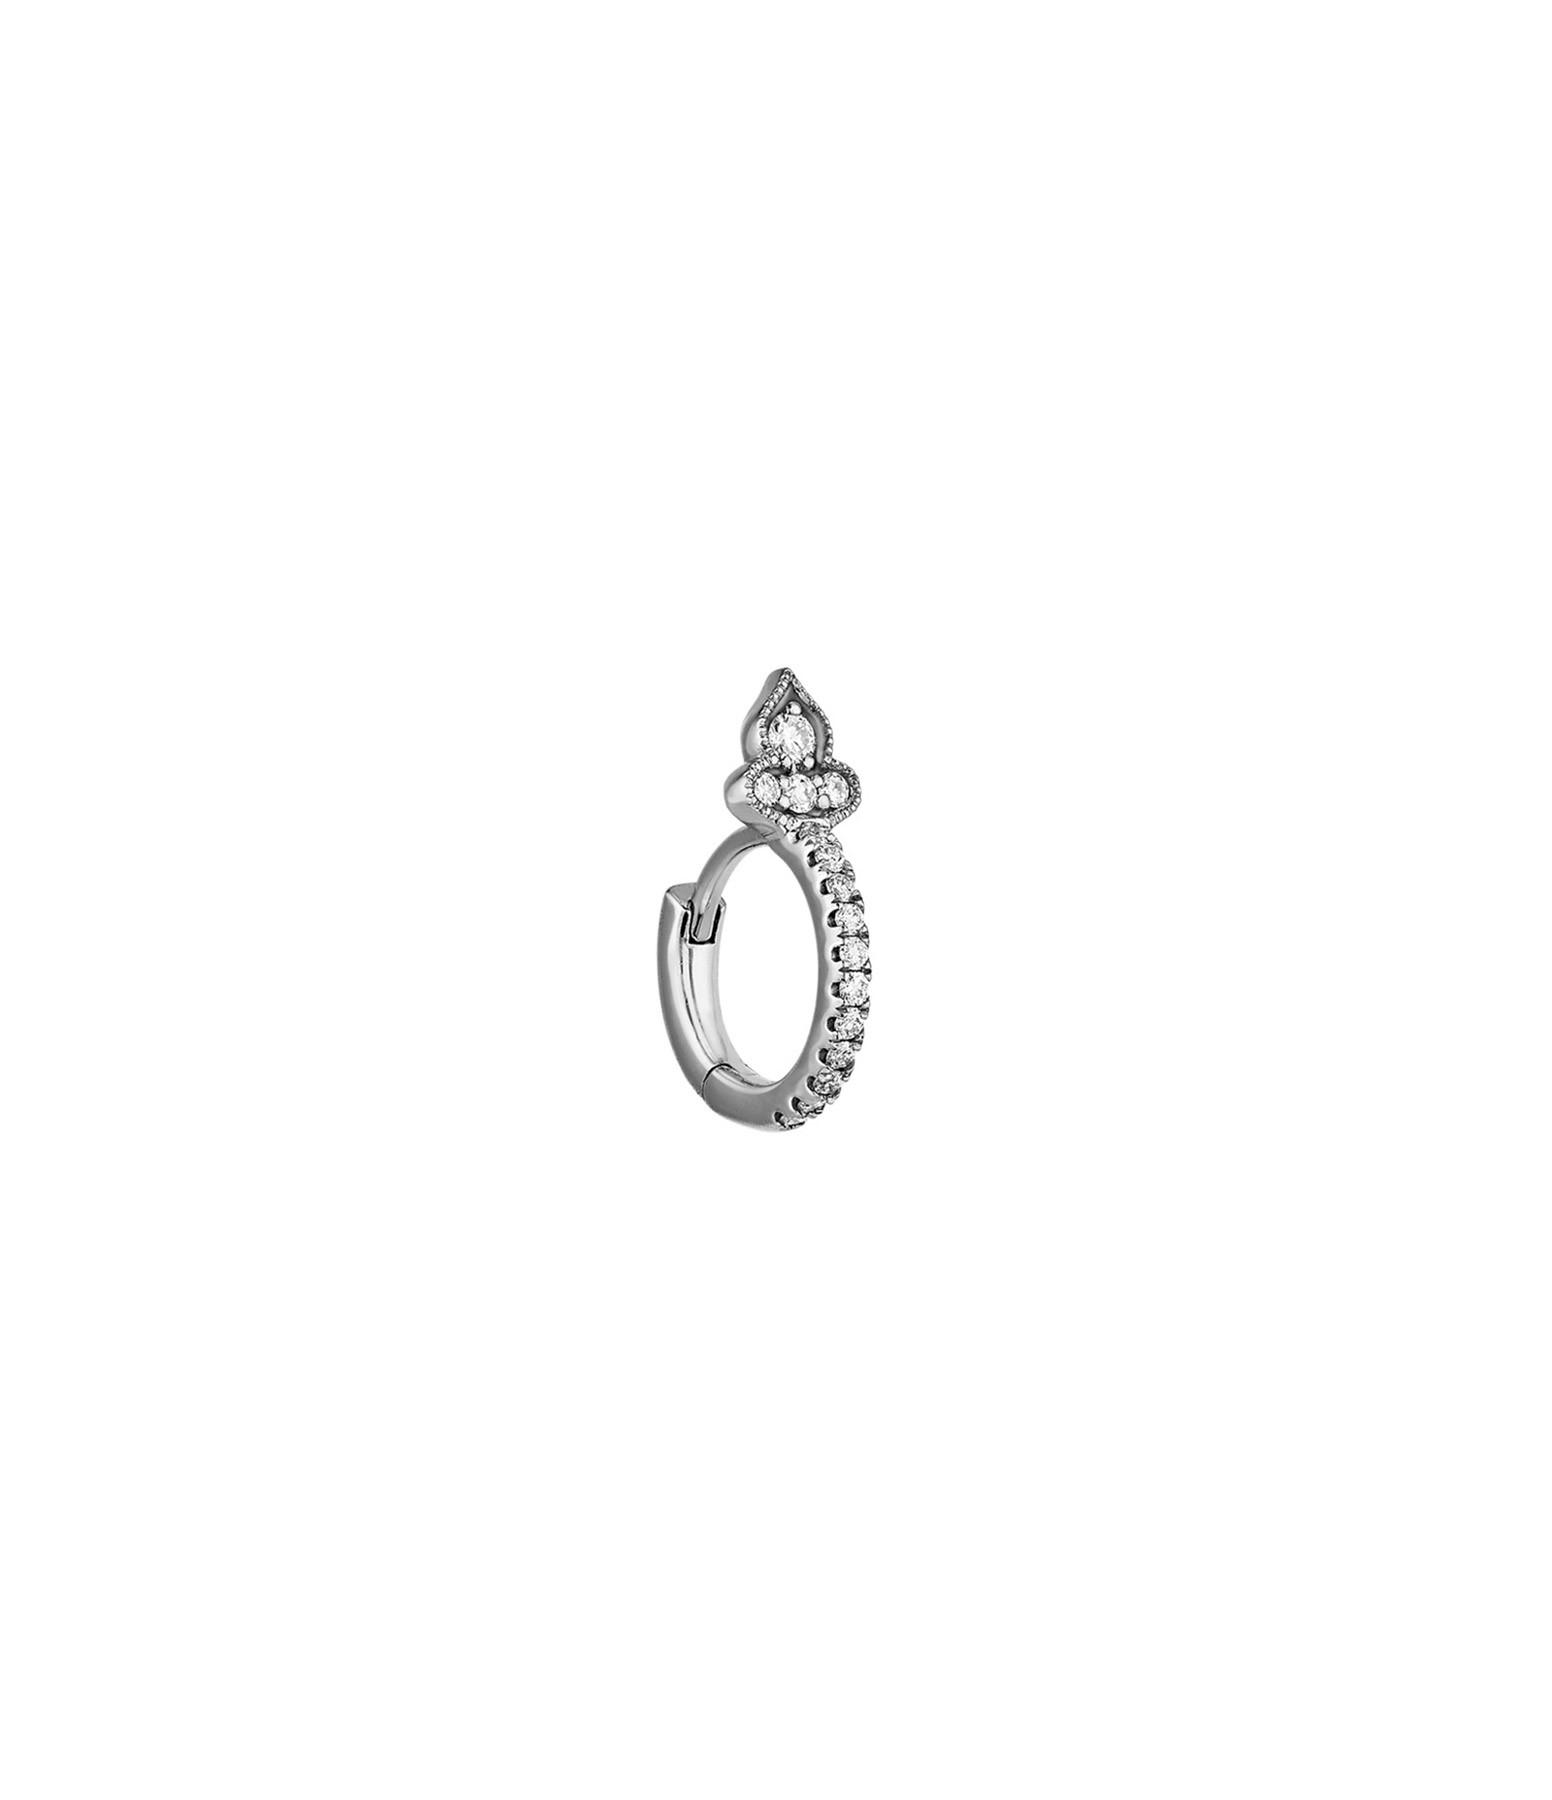 STONE PARIS - Mini Créole Marie Antoinette Or Diamants (vendue à l'unité)